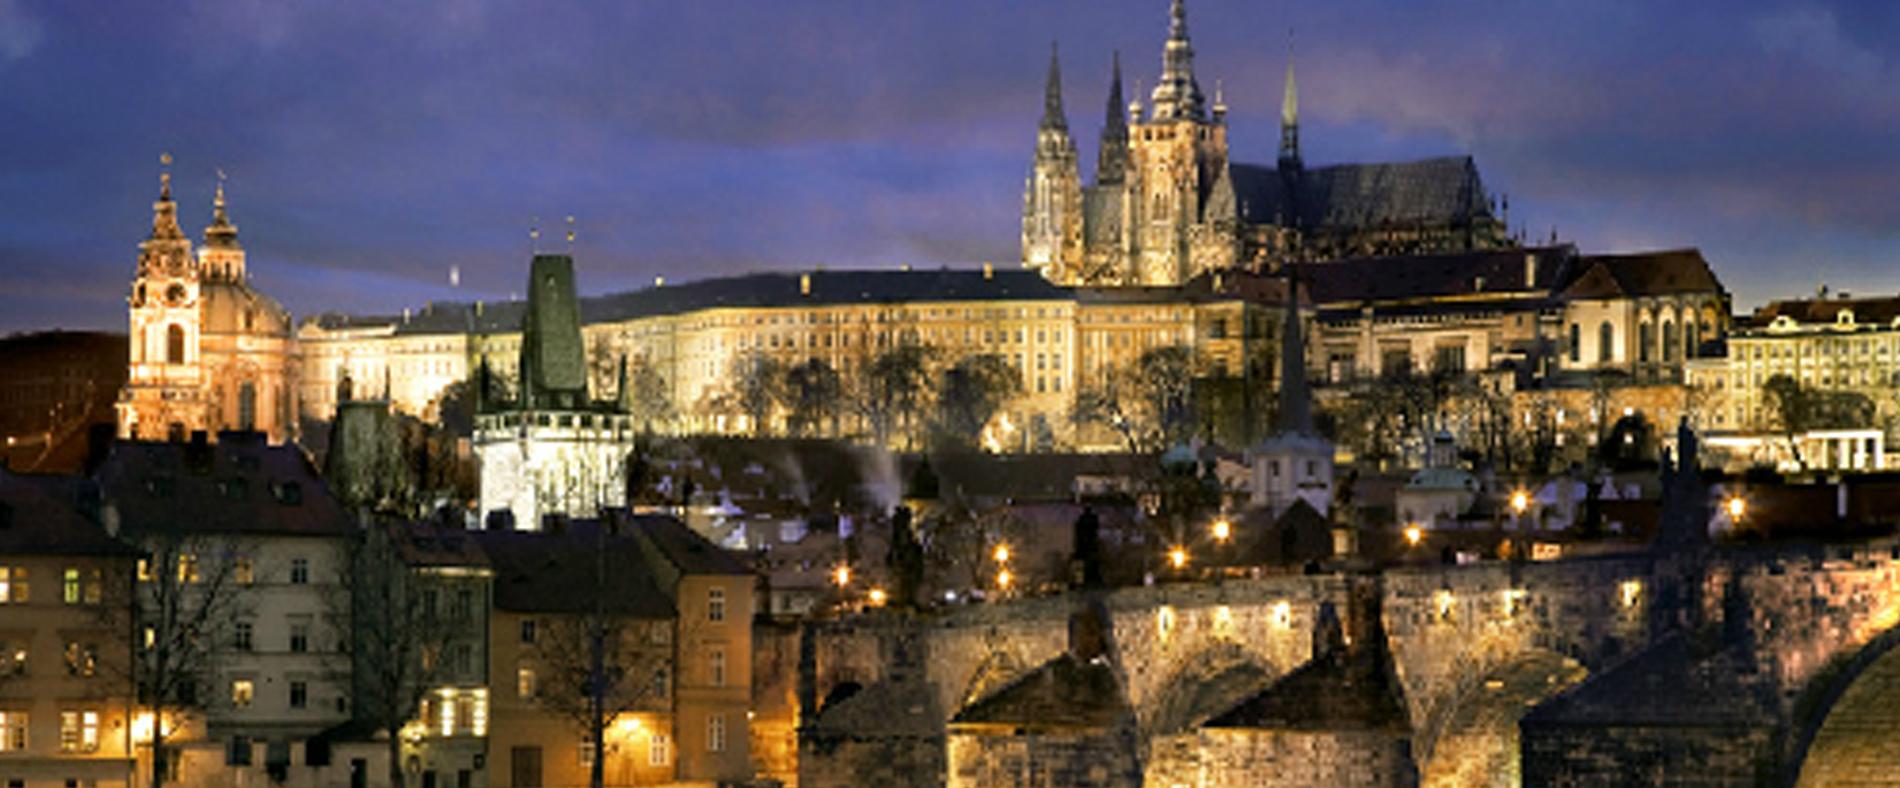 Những lý do để đến thành phố Praha xinh đẹp